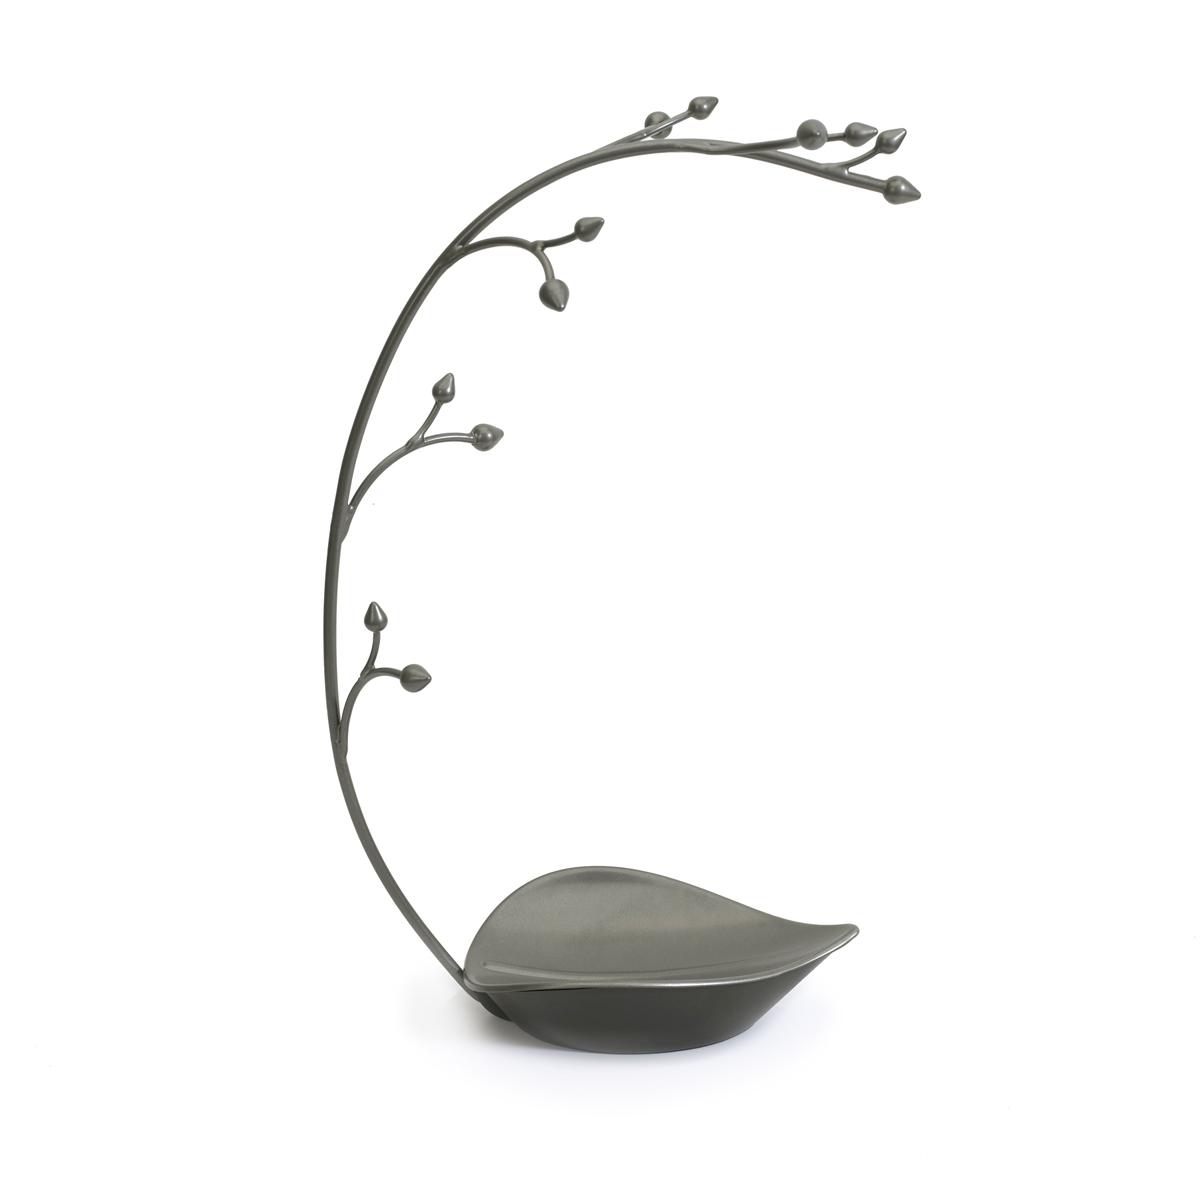 Подставка для украшений Umbra Orchid299340-296Удобная подставка для украшений - лучший способ для аккуратного хранения ваших драгоценностей.На 12 импровизированных выступов-держателей можно повесить кольца, браслеты, цепочки. Брошки, увесистые ожерелья, кулоны можно сложить в поддон у основания подставки. Цвет подставки создает впечатление бронзового напыления.